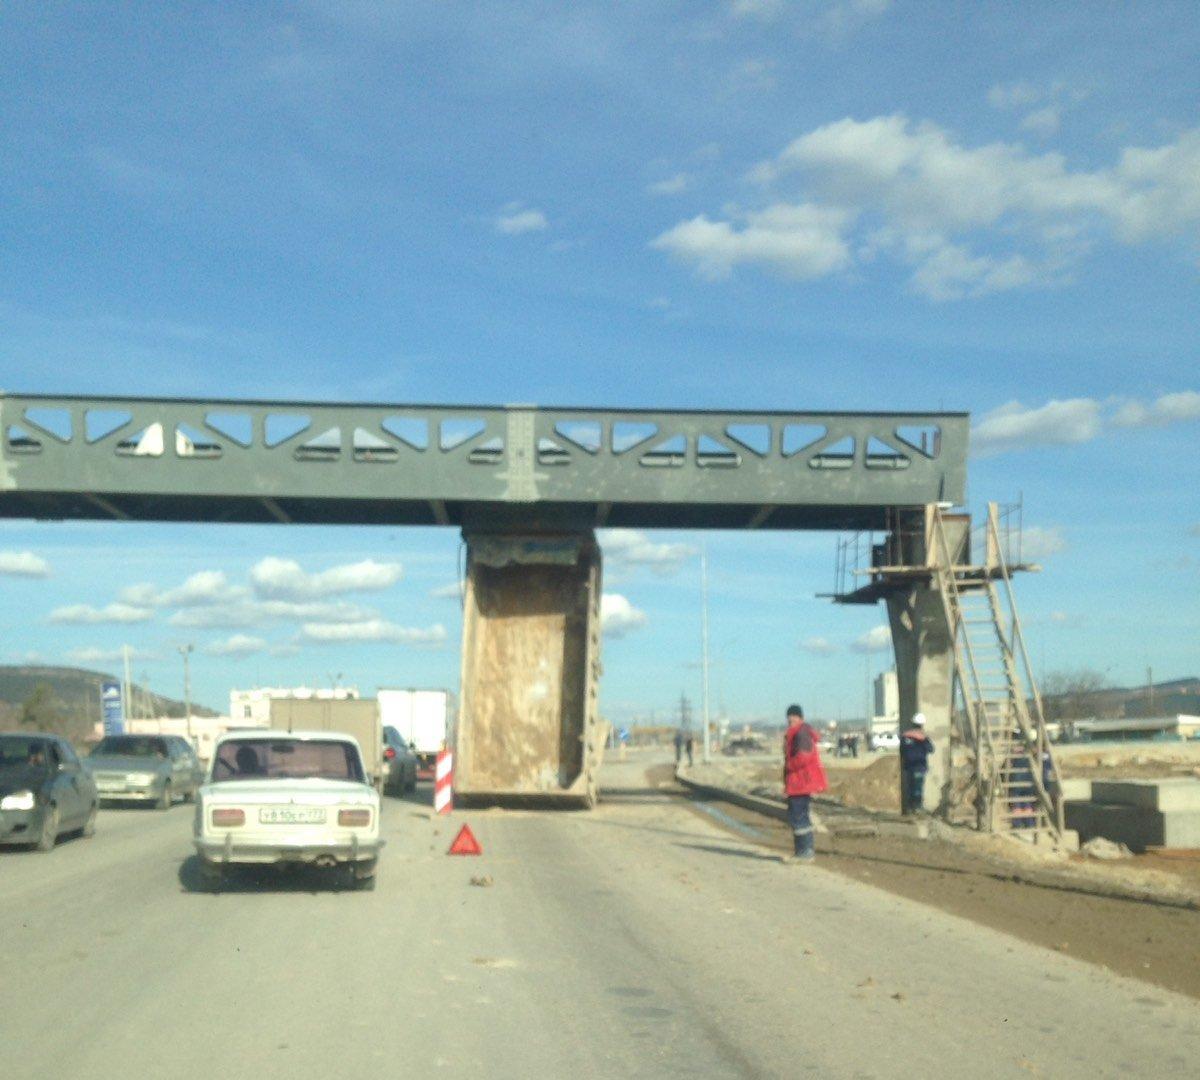 На трассе Симферополь-Севастополь грузовик проезжал под мостом и остался без кузова, - ФОТО, фото-1